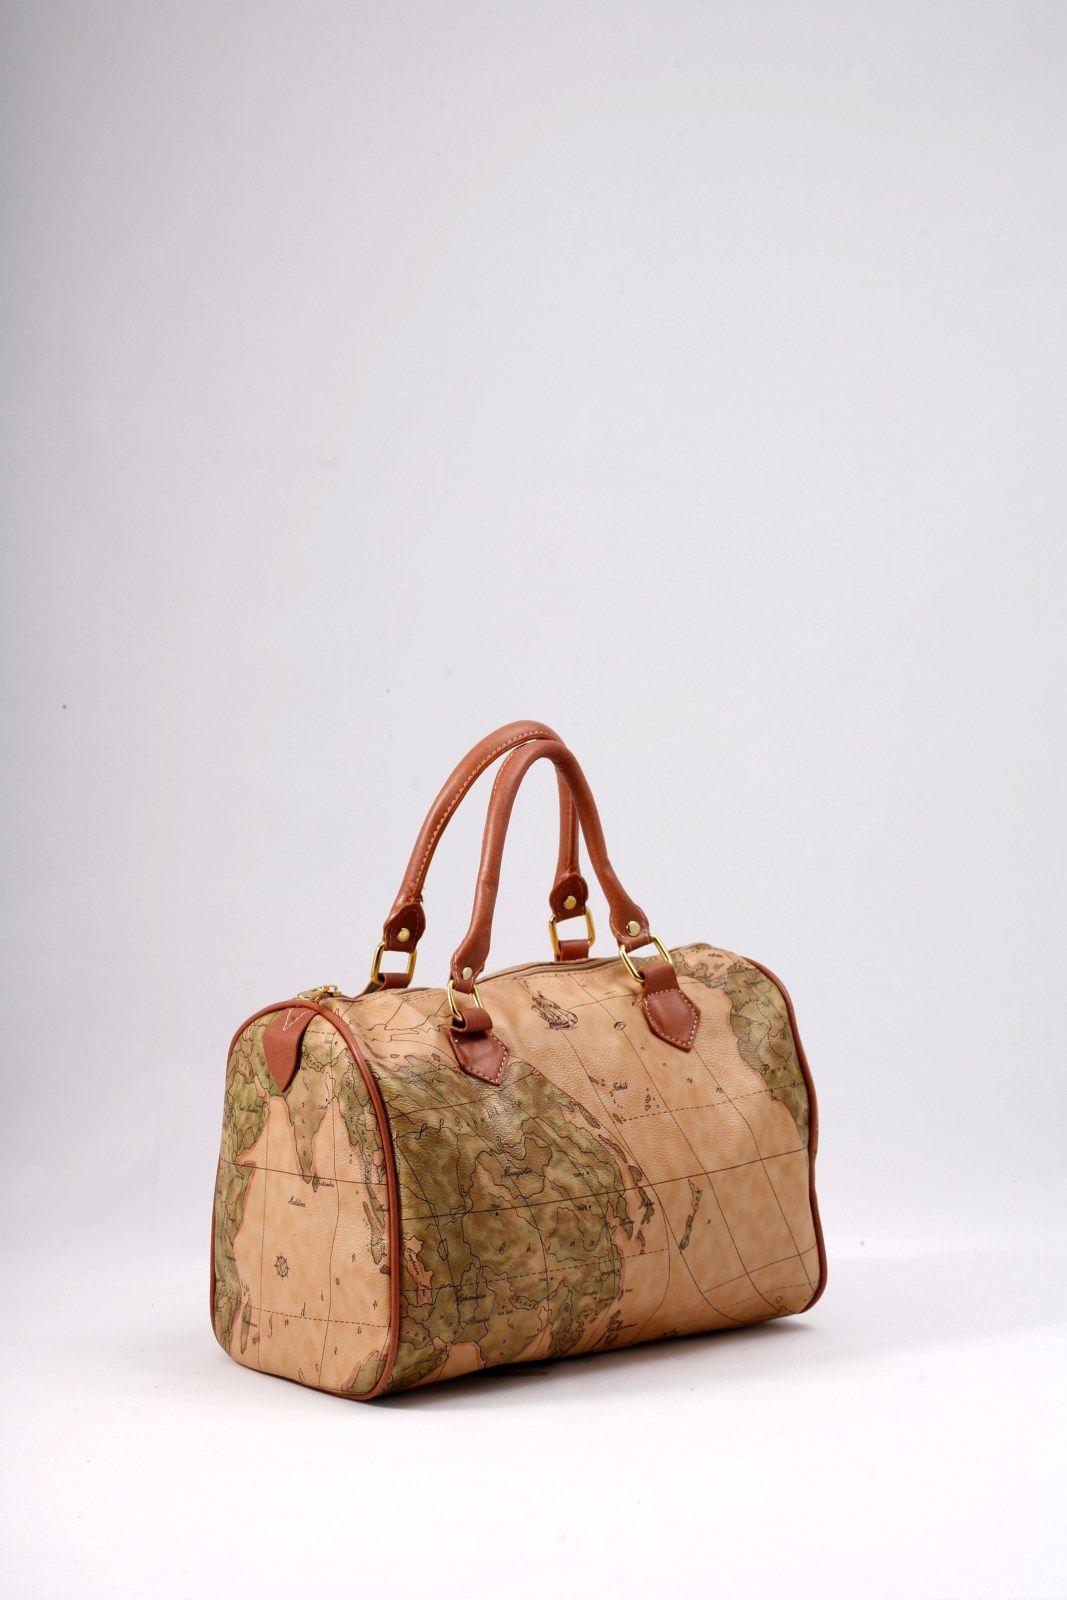 Τσάντα βαρελάκι ώμου -χειρός 6fbc002f040